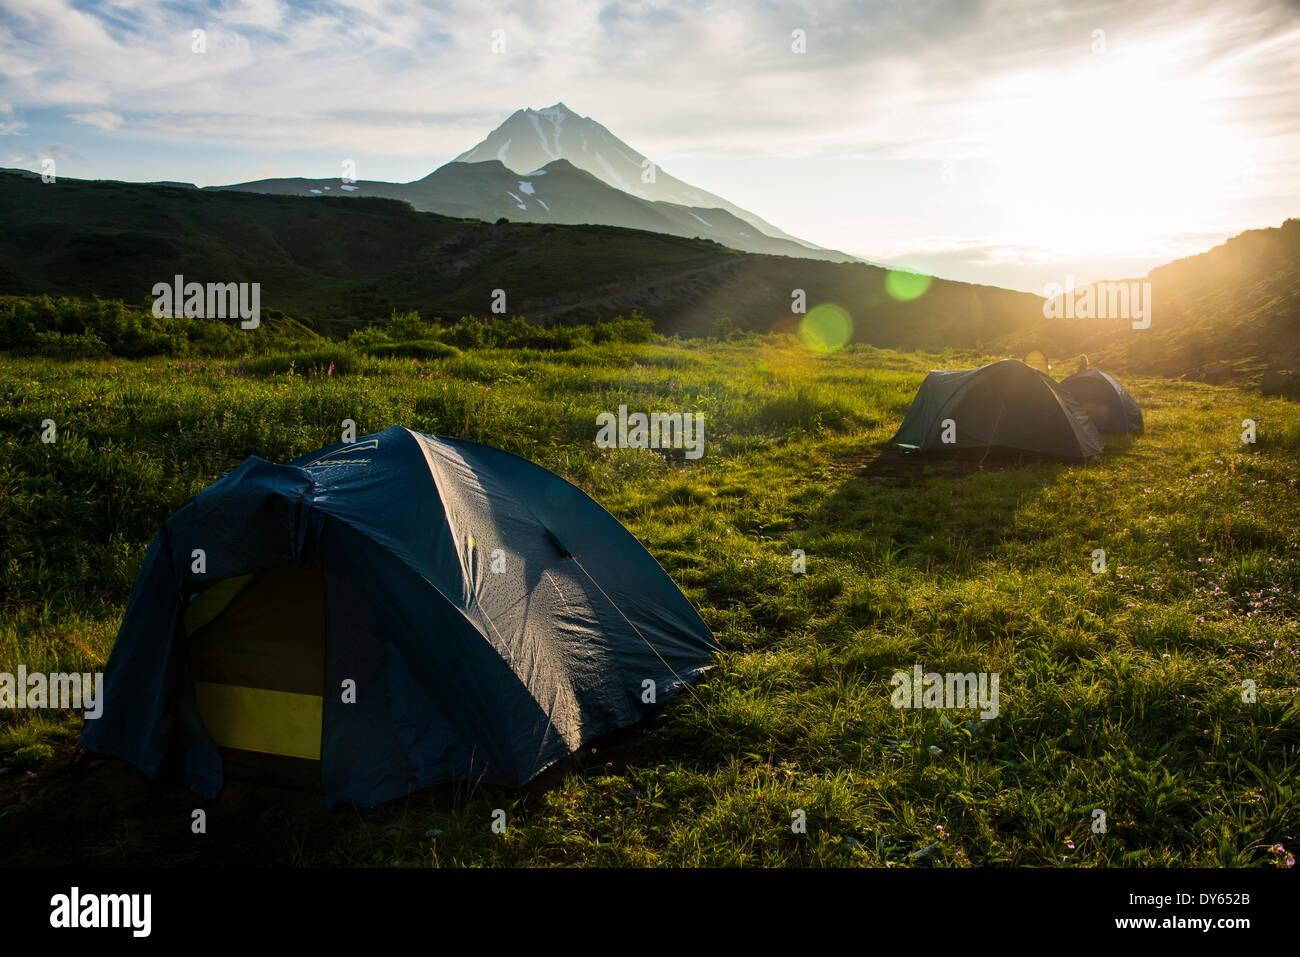 Camping unter Wiljutschinsk Vulkan, Kamtschatka, Russland, Eurasien Stockbild